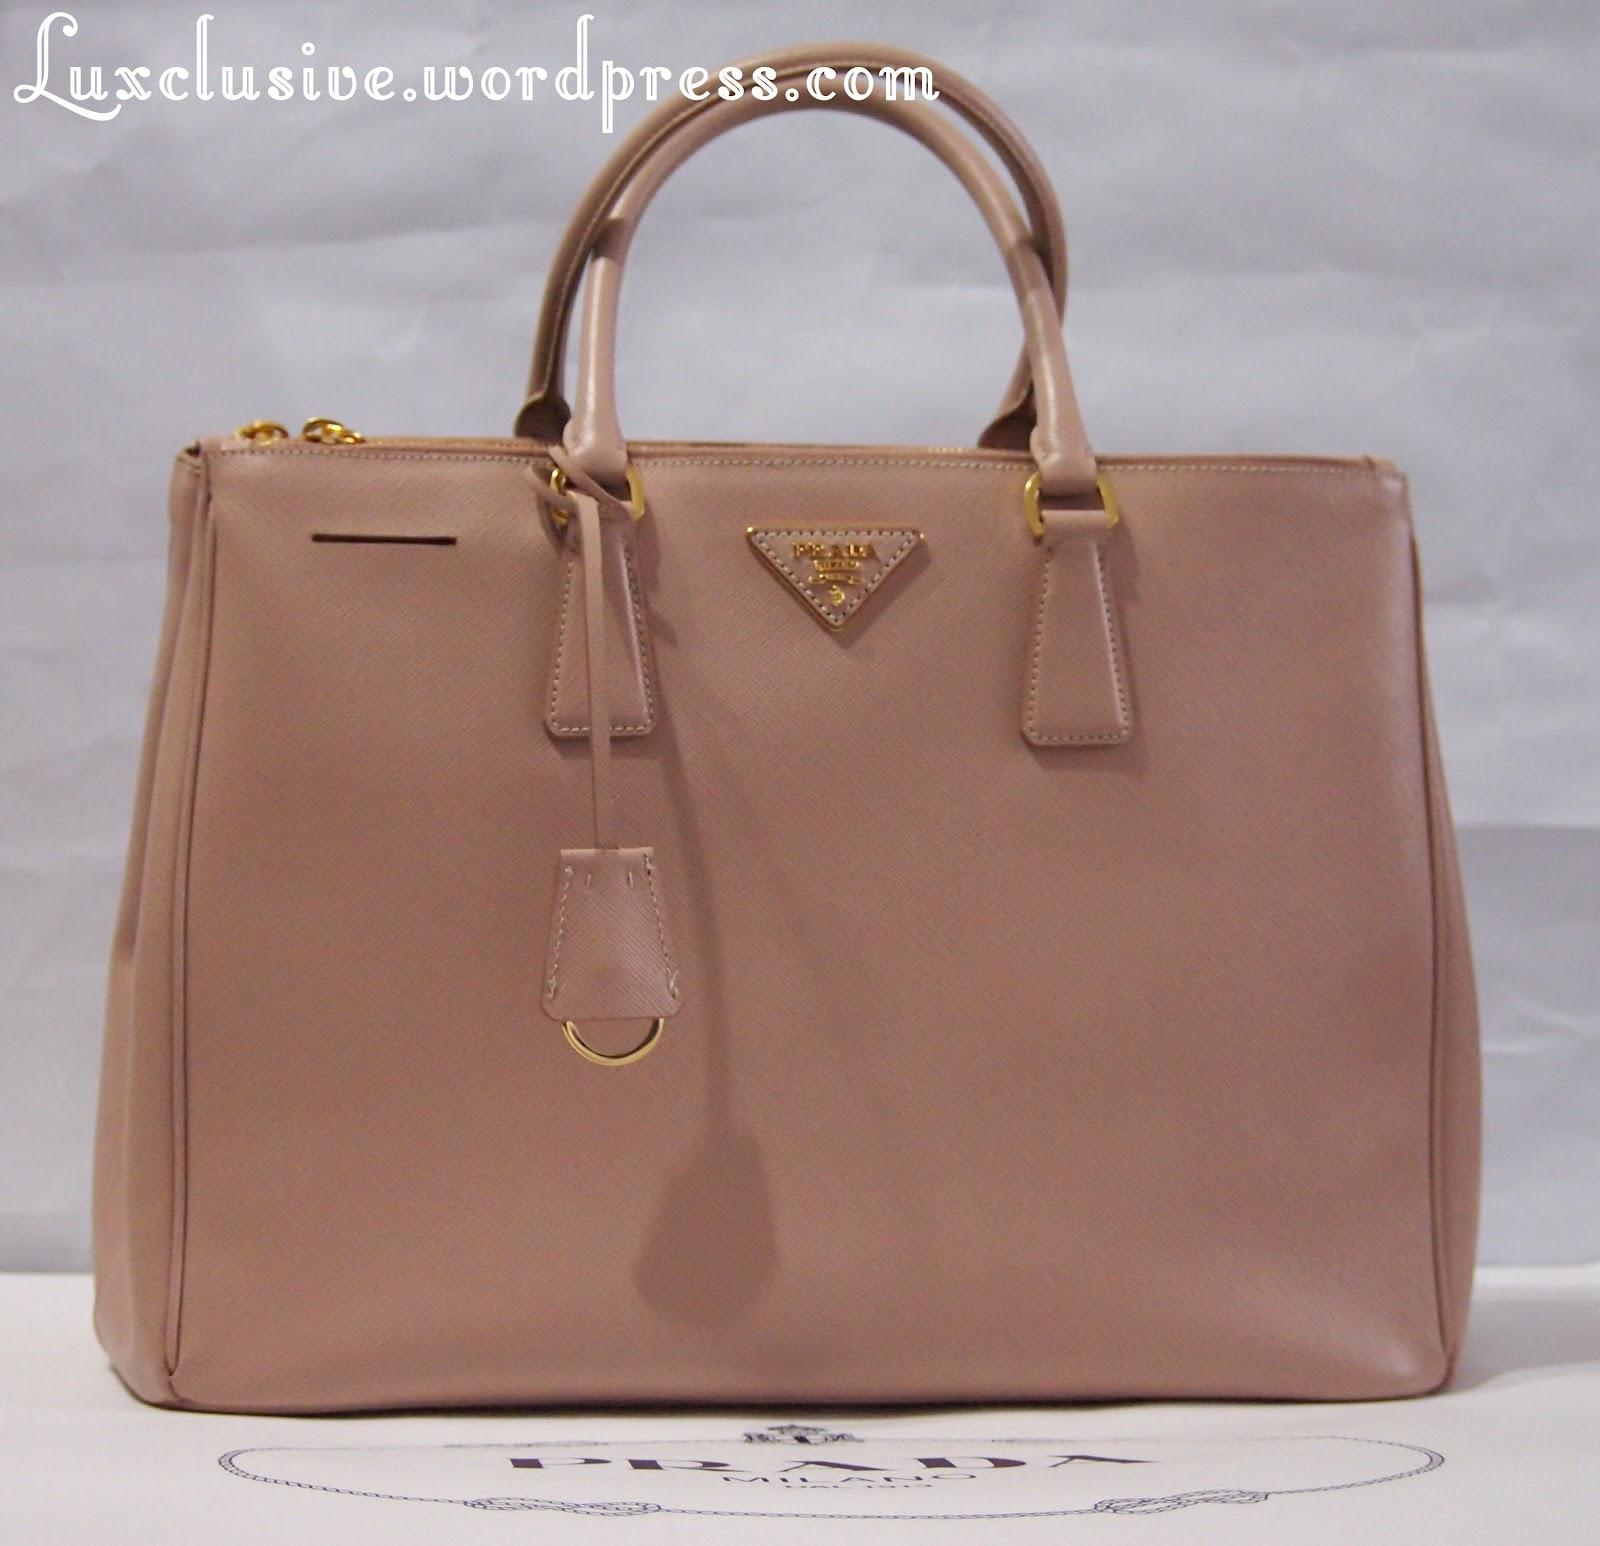 1a7d88ad97a sale gucci belts outlet cheap gucci handbags 2014 outlet